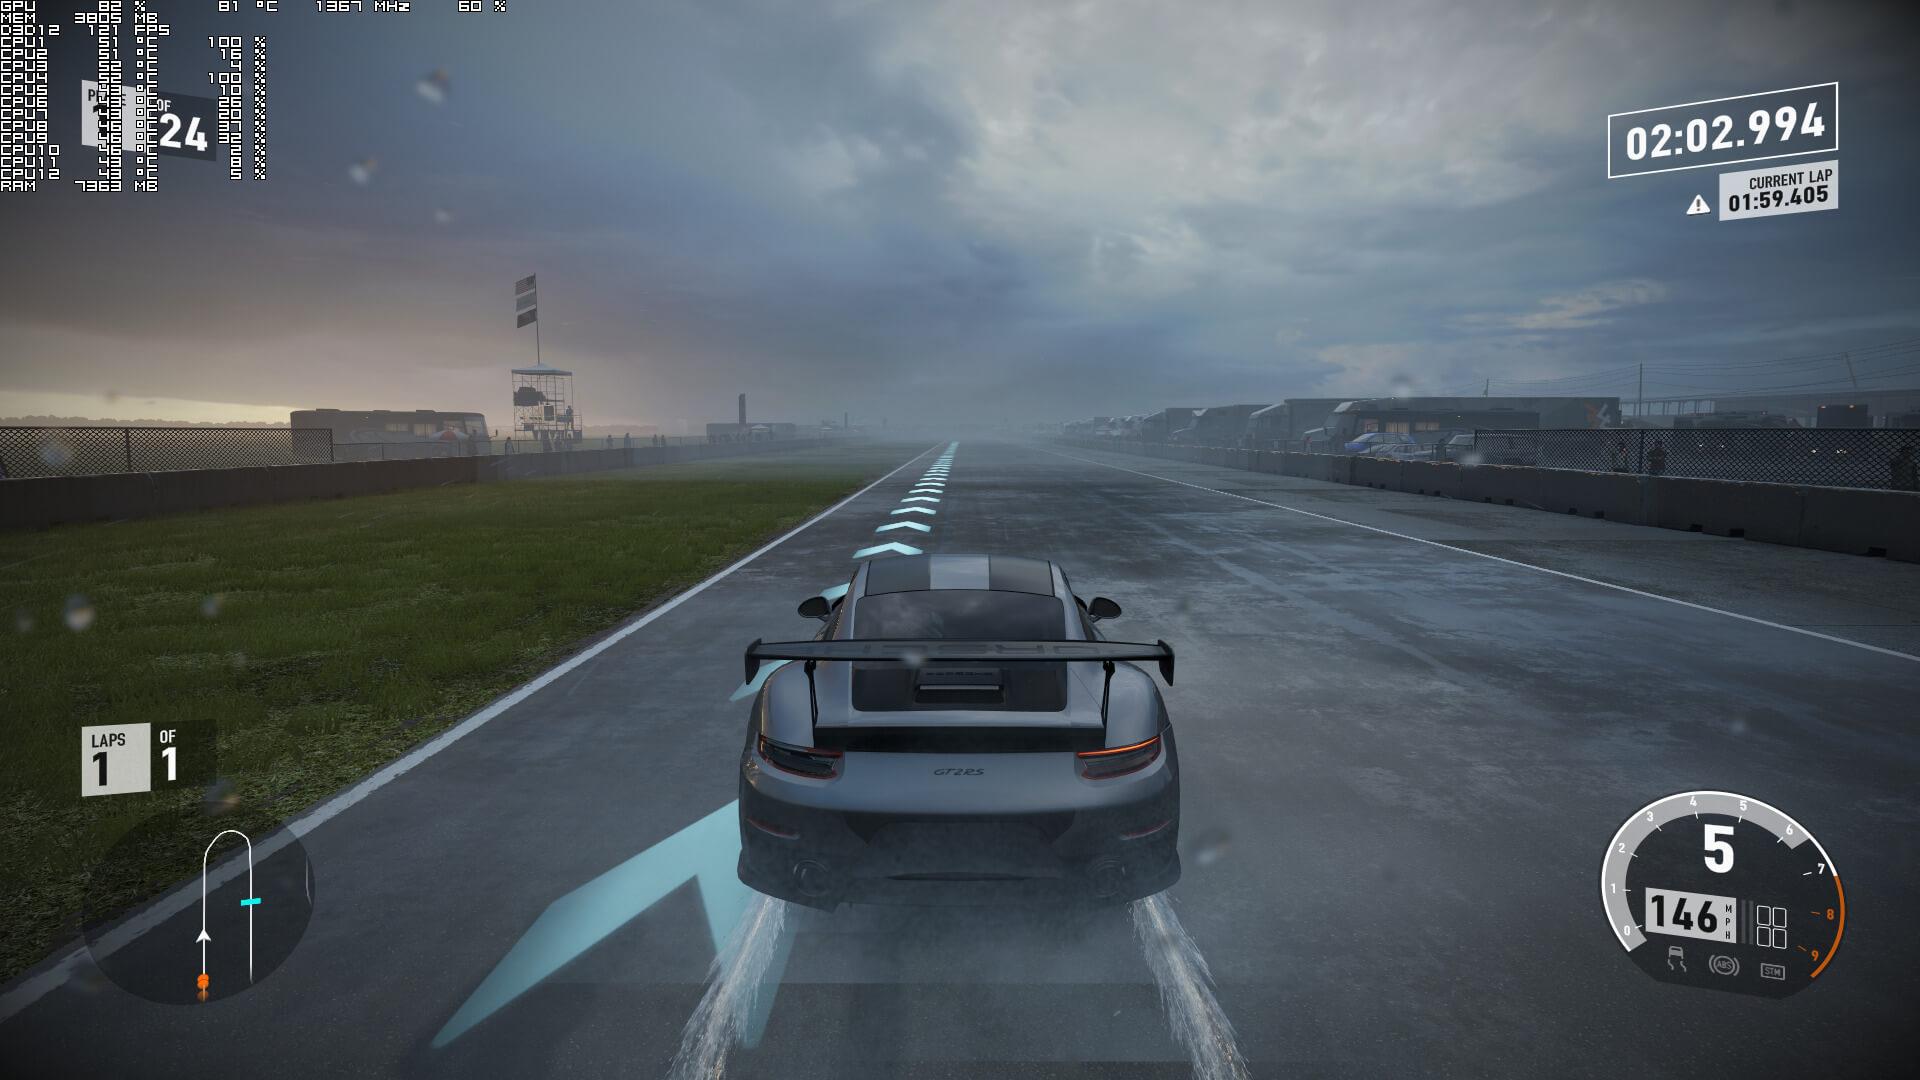 Screenshot 1 - آپدیت پاییزی ویندوز 10 مشکلات مربوط به لگ بازی Forza Motorsport 7 را رفع نمود